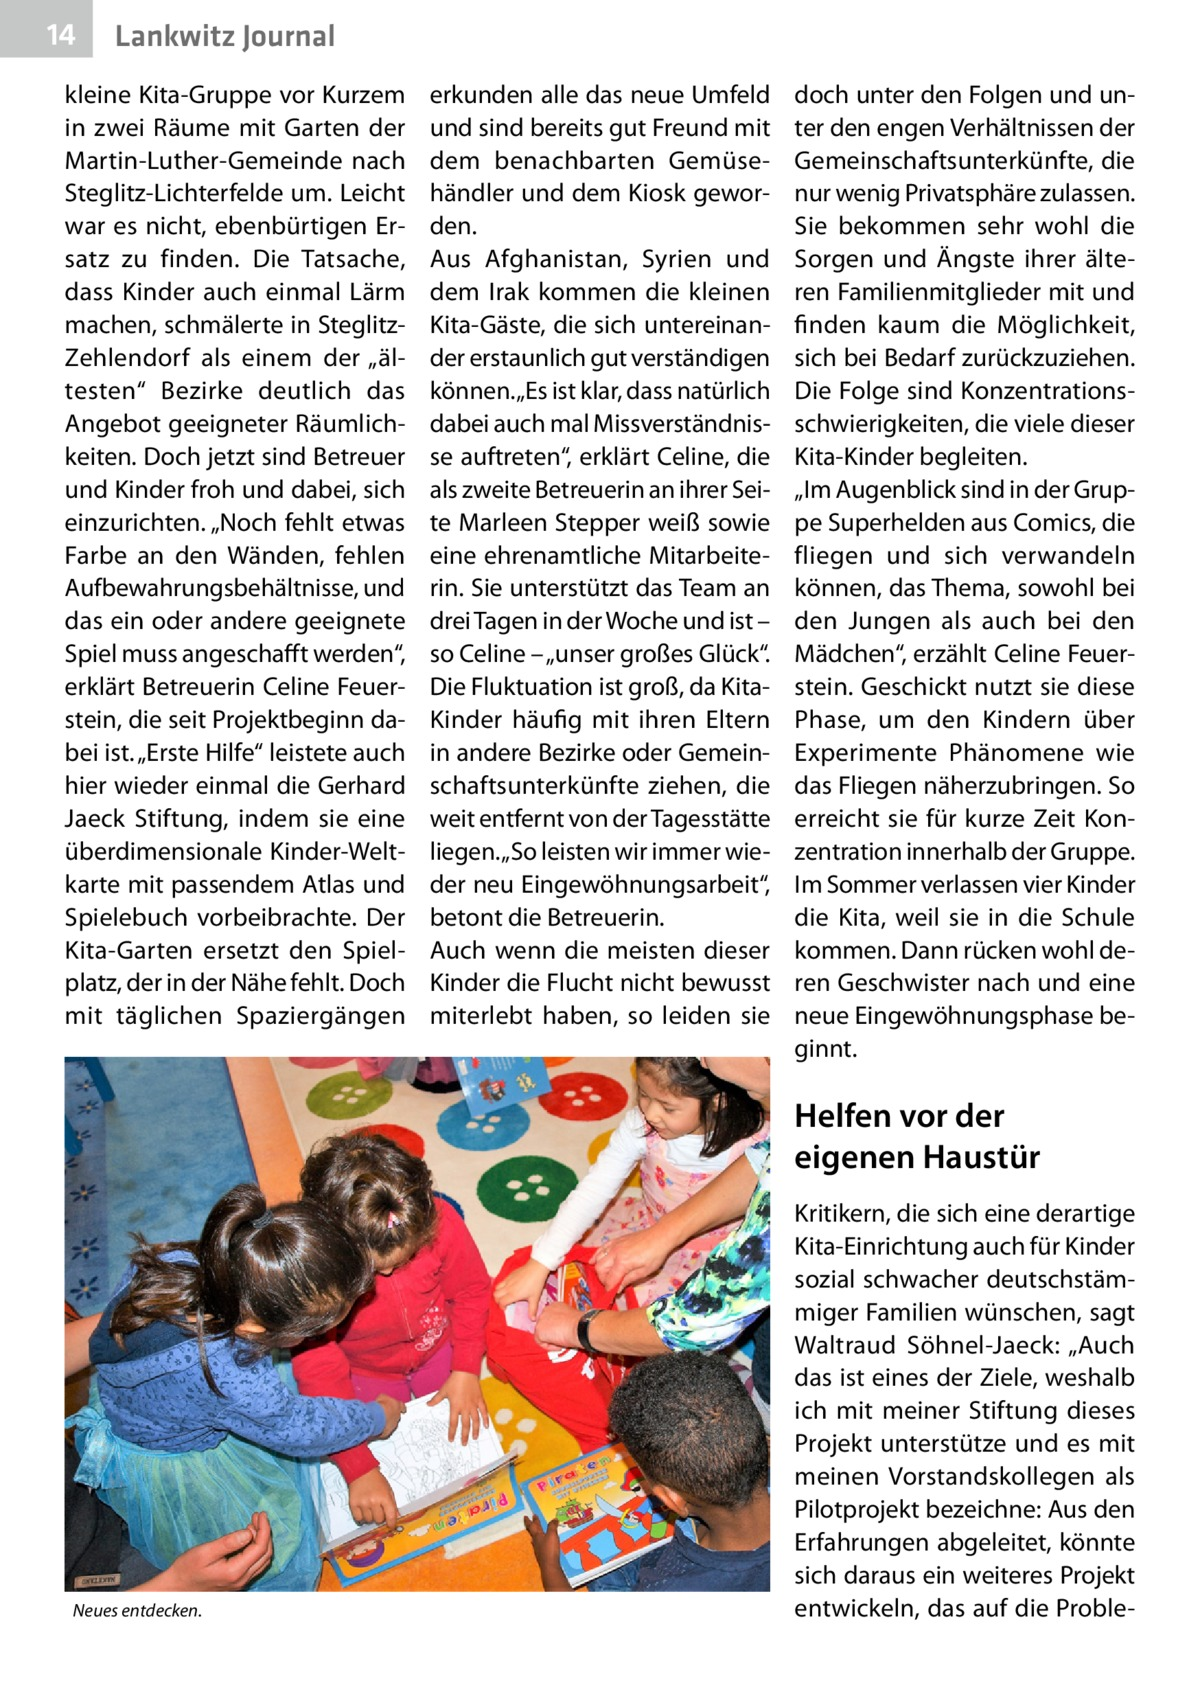 """14  Lankwitz Journal  kleine Kita-Gruppe vor Kurzem in zwei Räume mit Garten der Martin-Luther-Gemeinde nach Steglitz-Lichterfelde um. Leicht war es nicht, ebenbürtigen Ersatz zu finden. Die Tatsache, dass Kinder auch einmal Lärm machen, schmälerte in SteglitzZehlendorf als einem der """"ältesten"""" Bezirke deutlich das Angebot geeigneter Räumlichkeiten. Doch jetzt sind Betreuer und Kinder froh und dabei, sich einzurichten. """"Noch fehlt etwas Farbe an den Wänden, fehlen Aufbewahrungsbehältnisse, und das ein oder andere geeignete Spiel muss angeschafft werden"""", erklärt Betreuerin Celine Feuerstein, die seit Projektbeginn dabei ist. """"Erste Hilfe"""" leistete auch hier wieder einmal die Gerhard Jaeck Stiftung, indem sie eine überdimensionale Kinder-Weltkarte mit passendem Atlas und Spielebuch vorbeibrachte. Der Kita-Garten ersetzt den Spielplatz, der in der Nähe fehlt. Doch mit täglichen Spaziergängen  erkunden alle das neue Umfeld und sind bereits gut Freund mit dem benachbarten Gemüsehändler und dem Kiosk geworden. Aus Afghanistan, Syrien und dem Irak kommen die kleinen Kita-Gäste, die sich untereinander erstaunlich gut verständigen können. """"Es ist klar, dass natürlich dabei auch mal Missverständnisse auftreten"""", erklärt Celine, die als zweite Betreuerin an ihrer Seite Marleen Stepper weiß sowie eine ehrenamtliche Mitarbeiterin. Sie unterstützt das Team an drei Tagen in der Woche und ist – so Celine – """"unser großes Glück"""". Die Fluktuation ist groß, da KitaKinder häufig mit ihren Eltern in andere Bezirke oder Gemeinschaftsunterkünfte ziehen, die weit entfernt von der Tagesstätte liegen. """"So leisten wir immer wieder neu Eingewöhnungsarbeit"""", betont die Betreuerin. Auch wenn die meisten dieser Kinder die Flucht nicht bewusst miterlebt haben, so leiden sie  doch unter den Folgen und unter den engen Verhältnissen der Gemeinschaftsunterkünfte, die nur wenig Privatsphäre zulassen. Sie bekommen sehr wohl die Sorgen und Ängste ihrer älteren Familienmitglieder mit und finden kaum die M"""